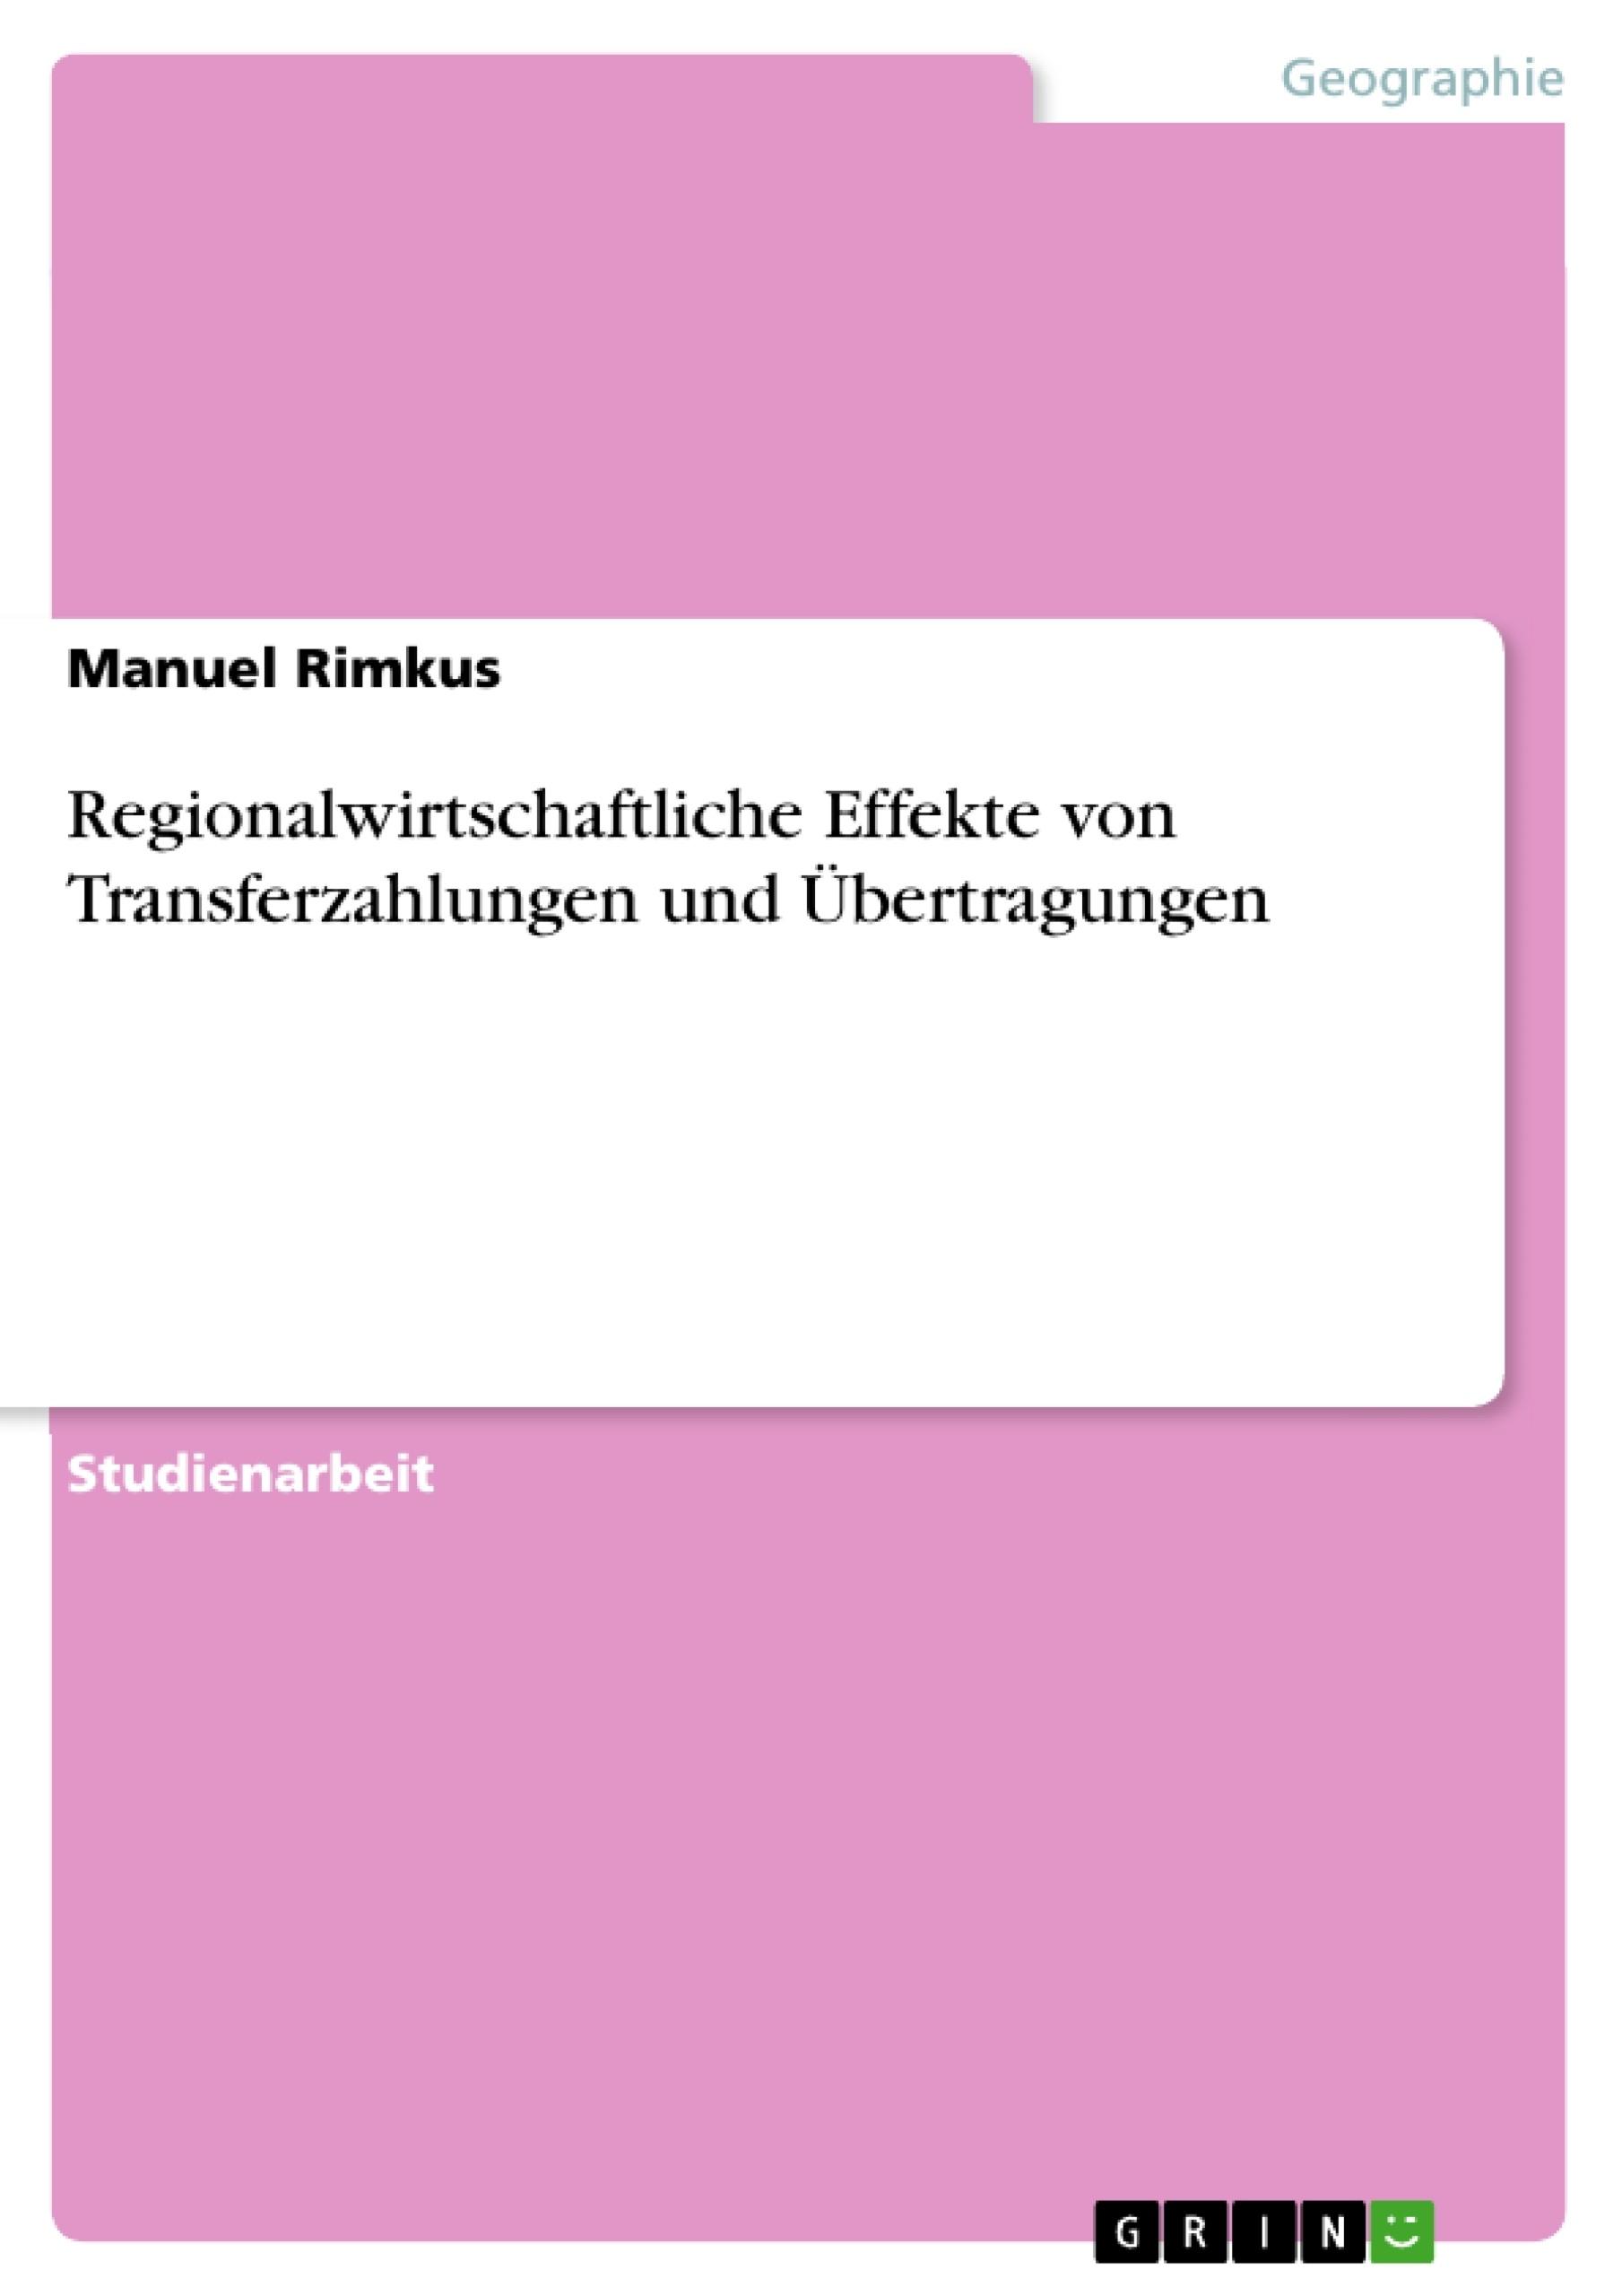 Titel: Regionalwirtschaftliche Effekte von Transferzahlungen und Übertragungen